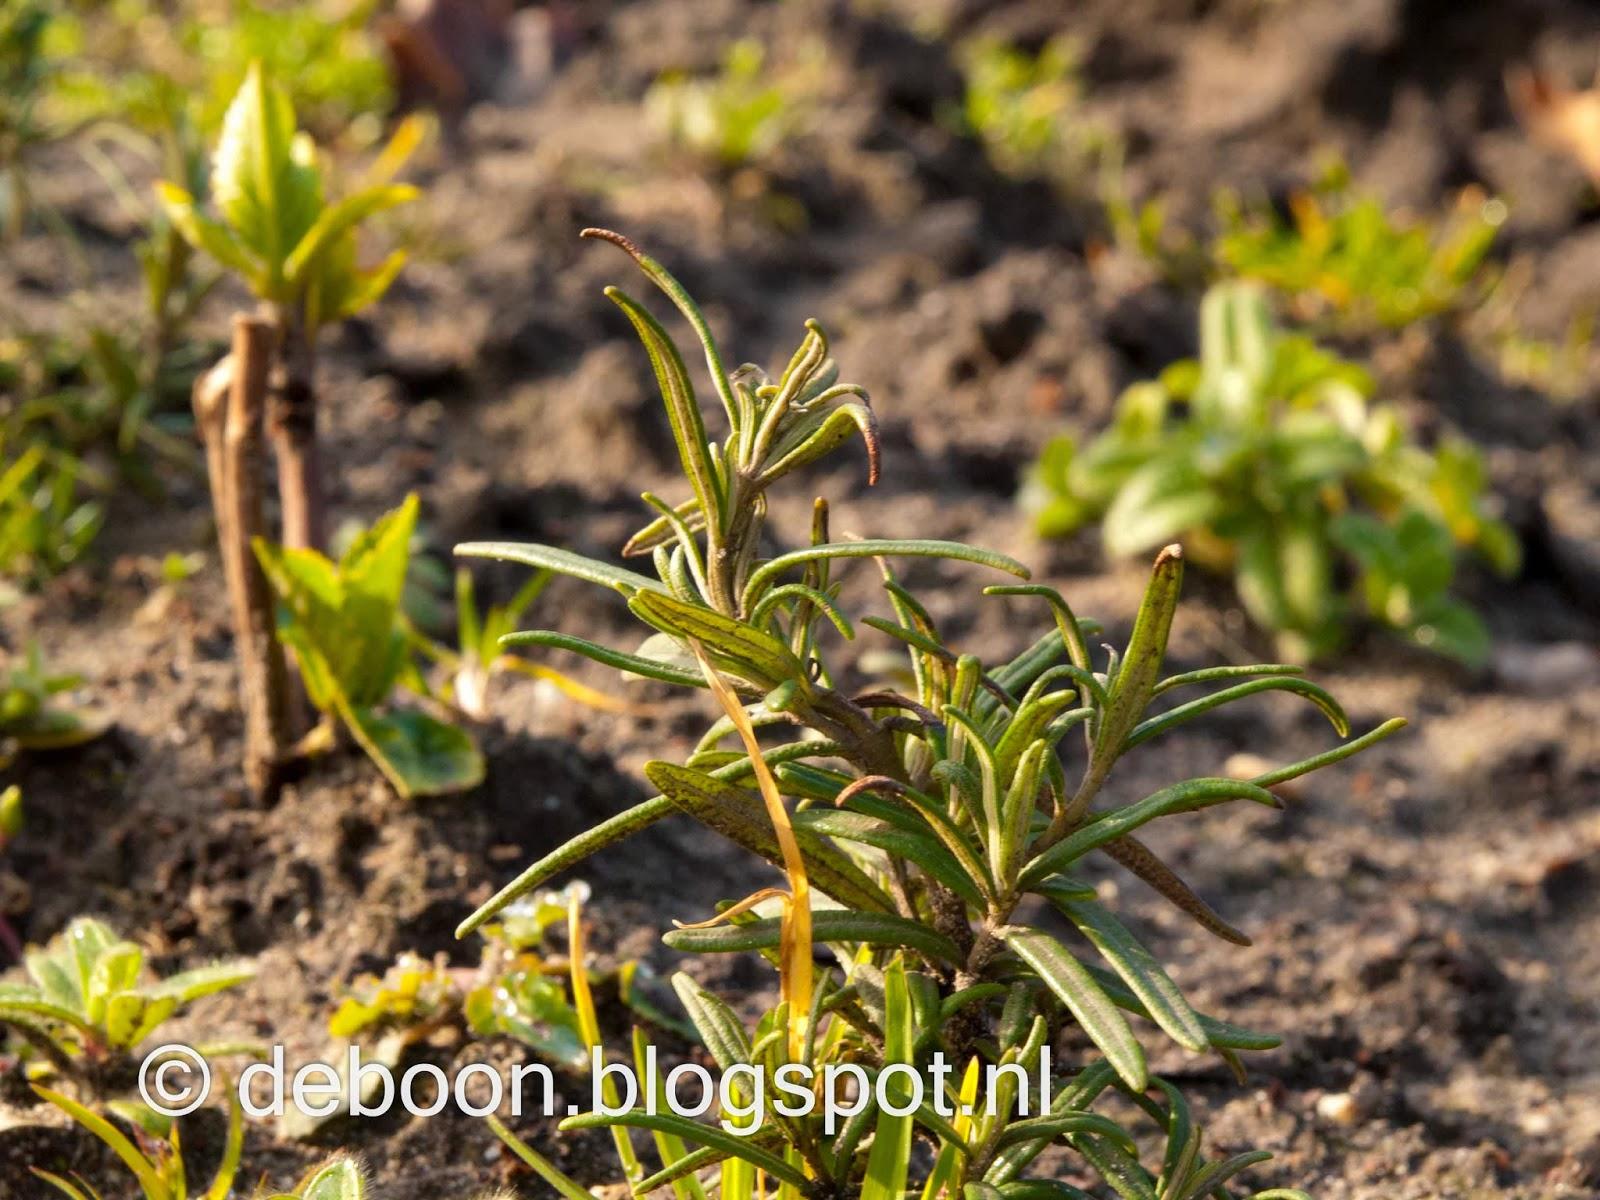 rozemarijn stekken voorjaar moestuin volkstuin